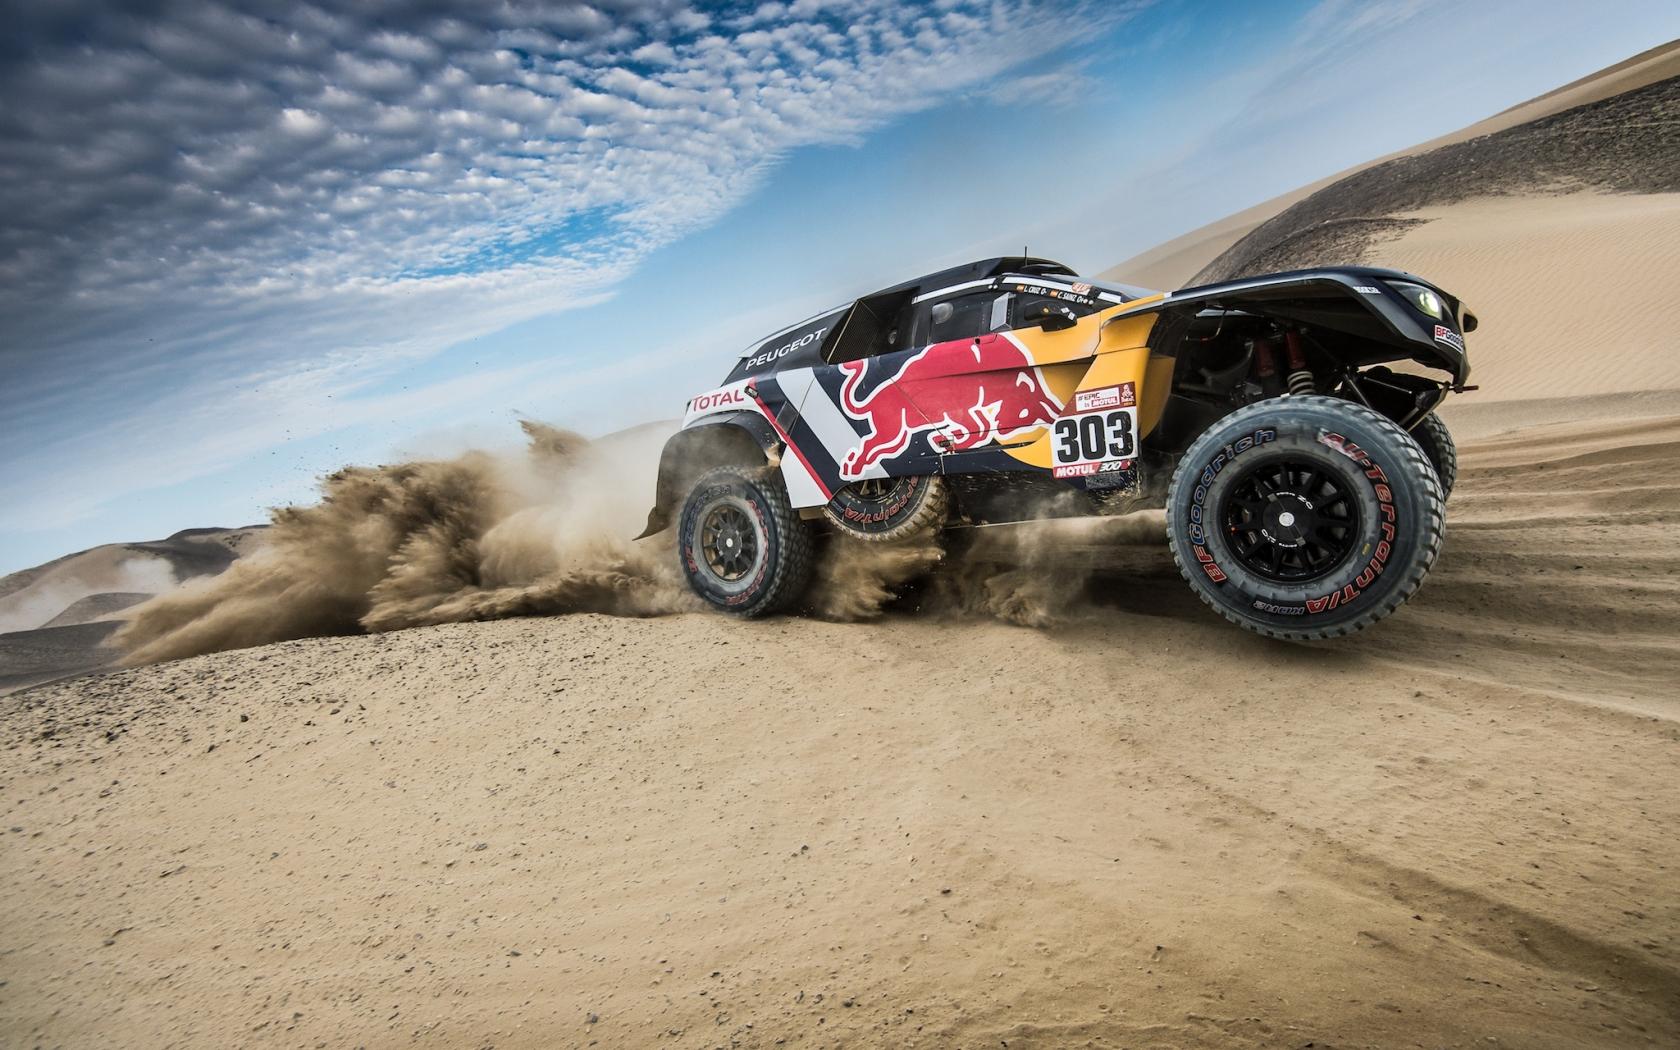 Peugeot en Dakar 2018 - 1680x1050